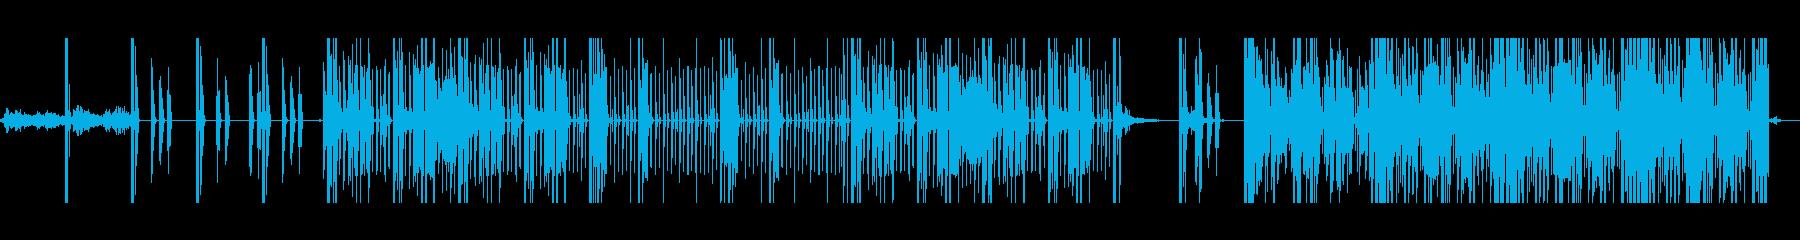 歪んだ感じの4つ打ち系の曲 の再生済みの波形